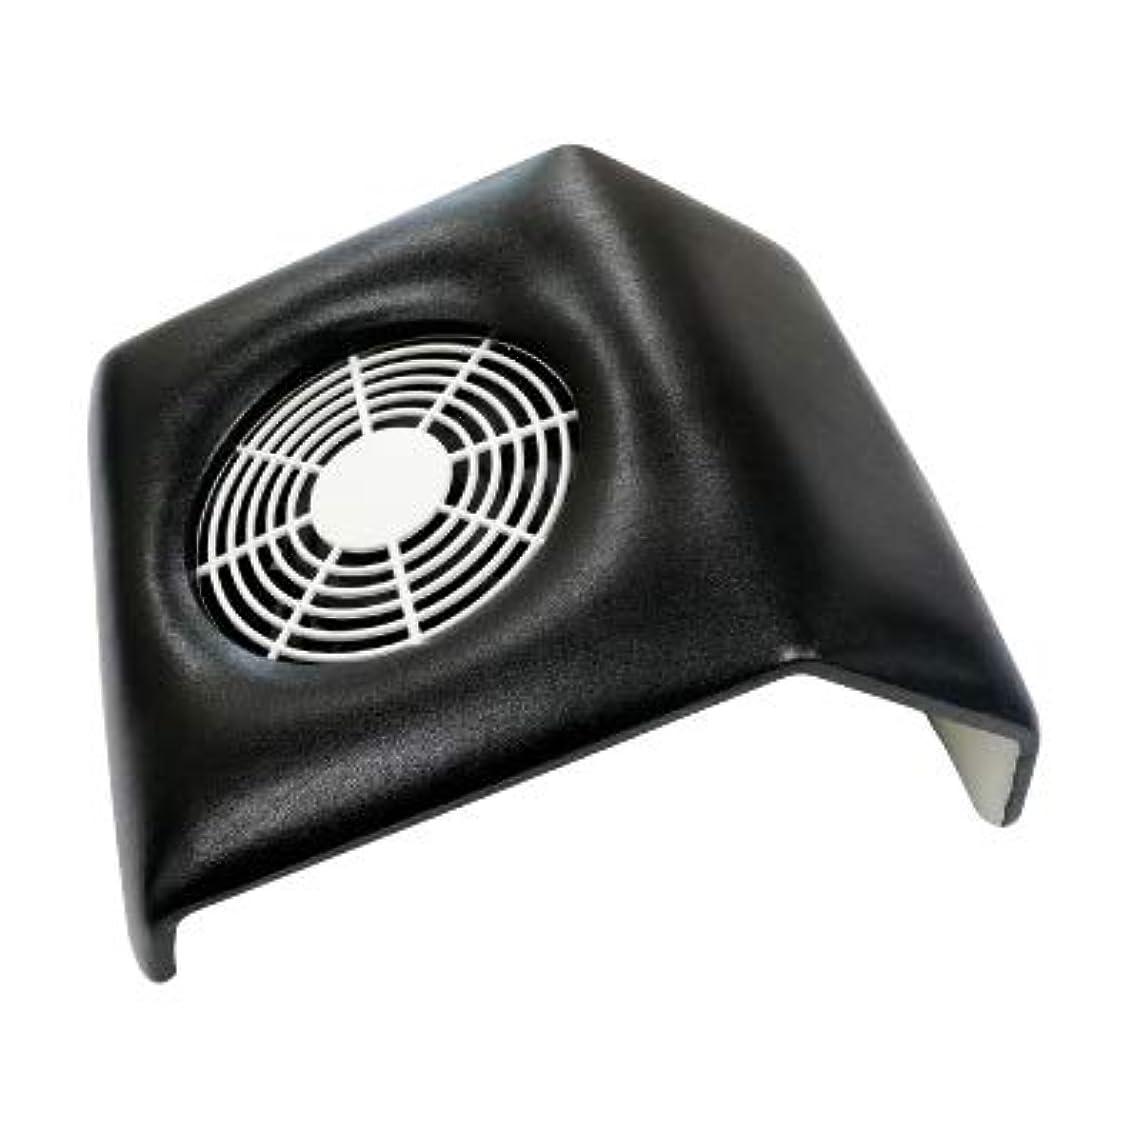 争い不正変装した集塵機 コンパクトタイプ ネイルダストクリーナー Compact Nail Dust Cleaner バッグ付き ネイルオフ ダストコレクター (ブラック)